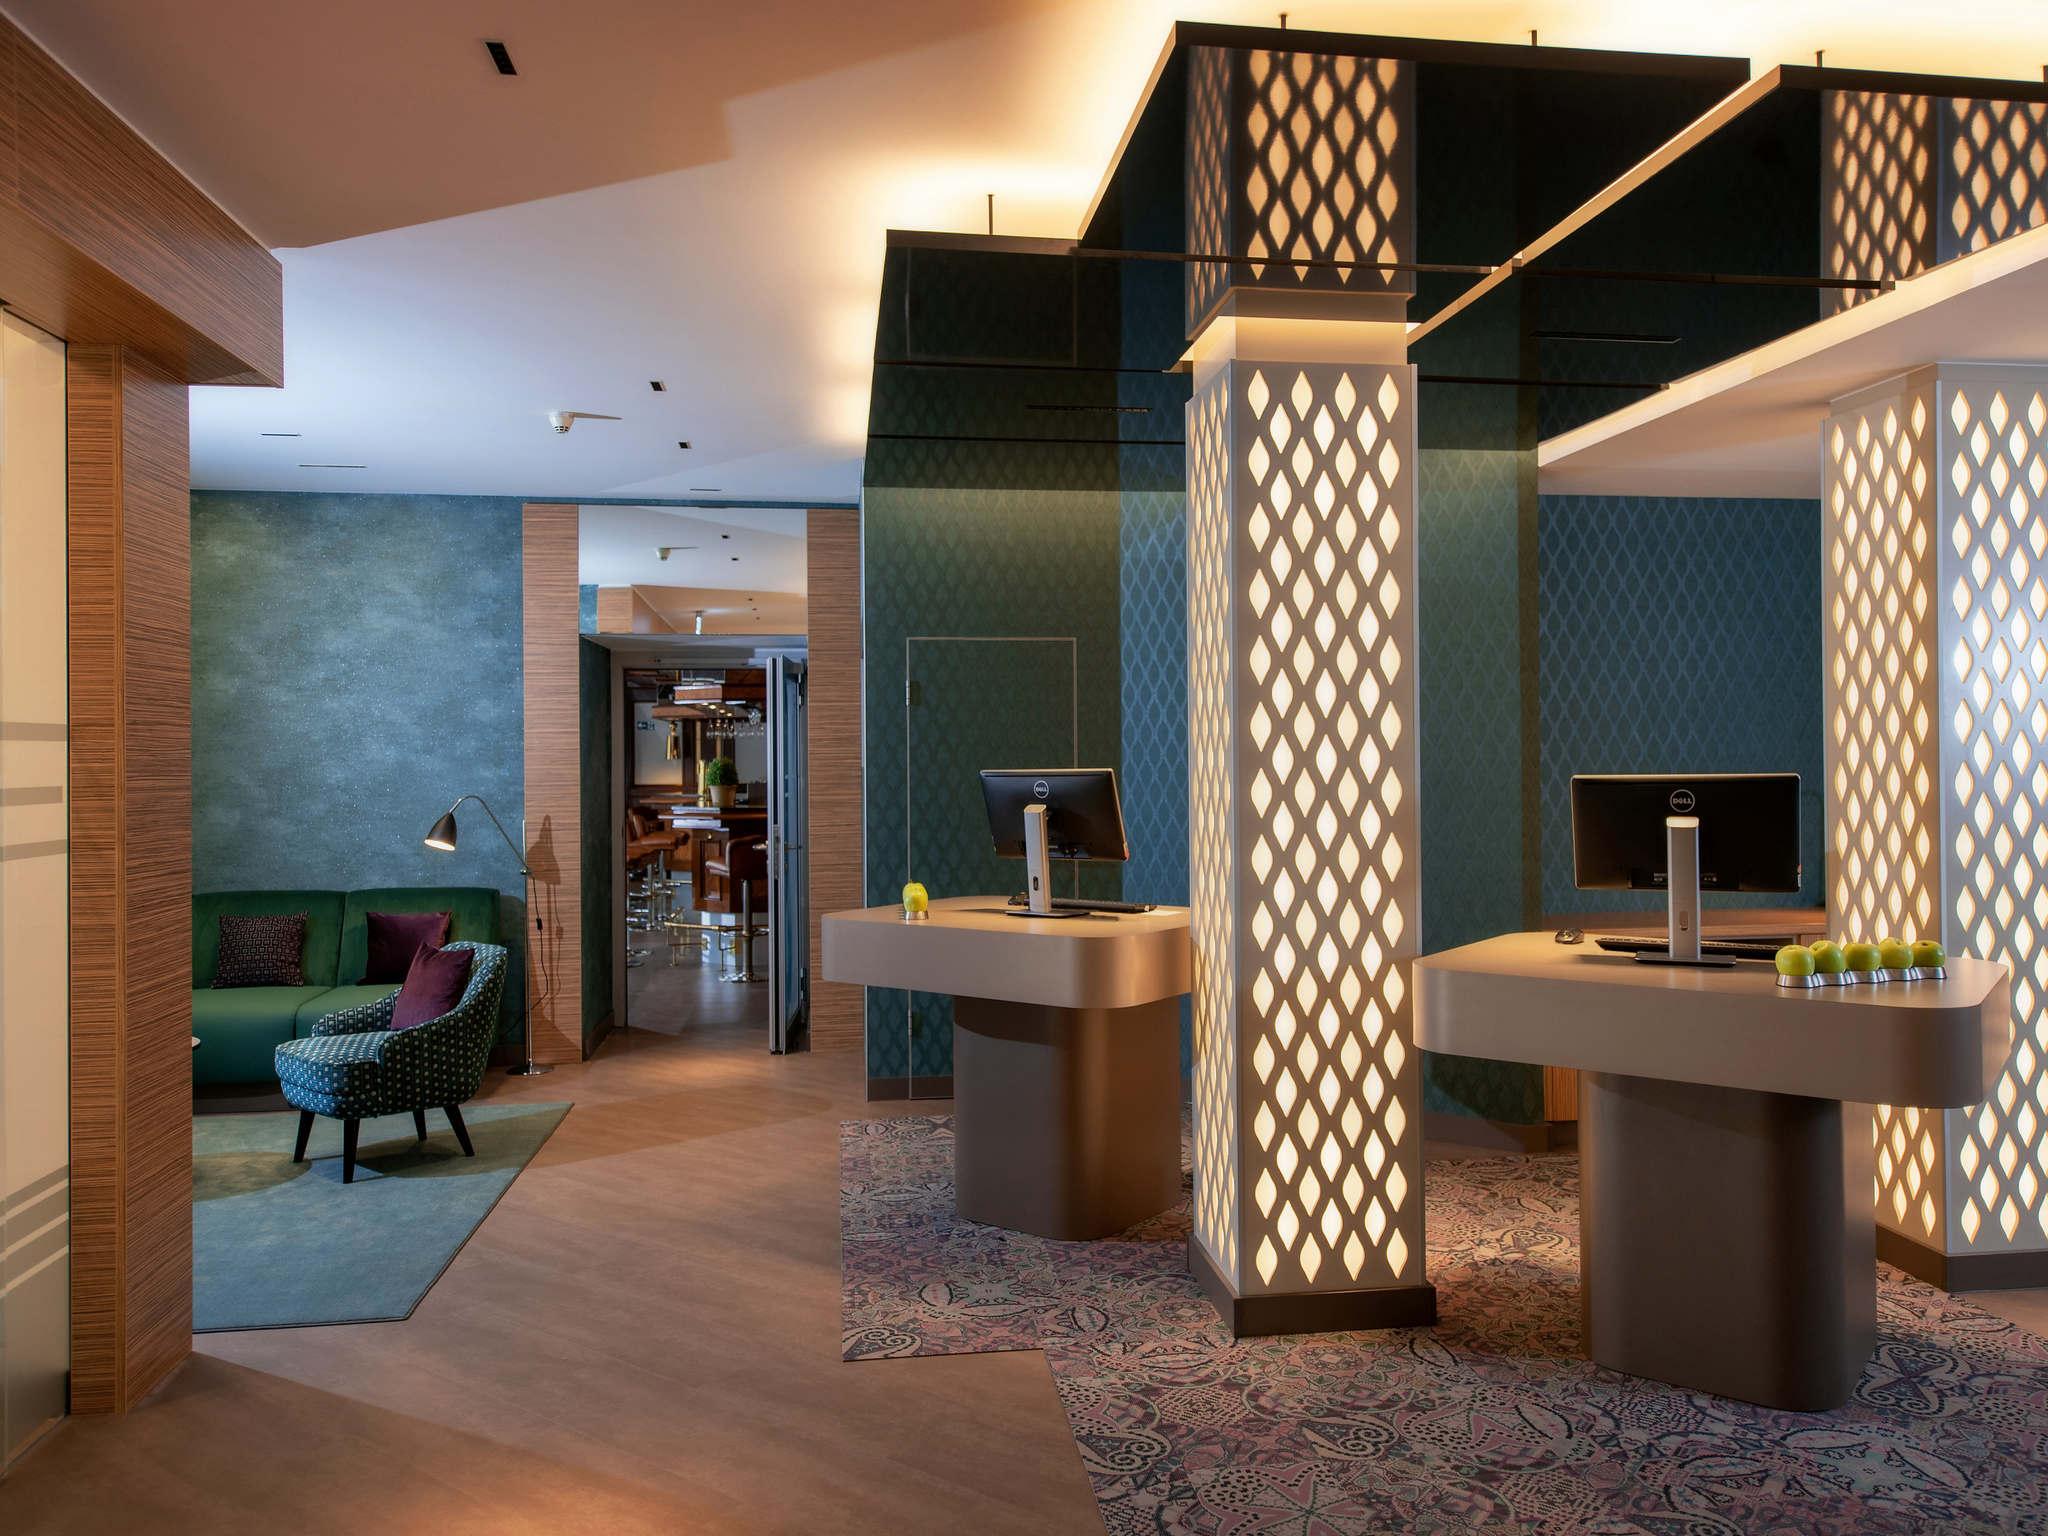 โรงแรม – Mercure Hotel Koeln Belfortstrasse